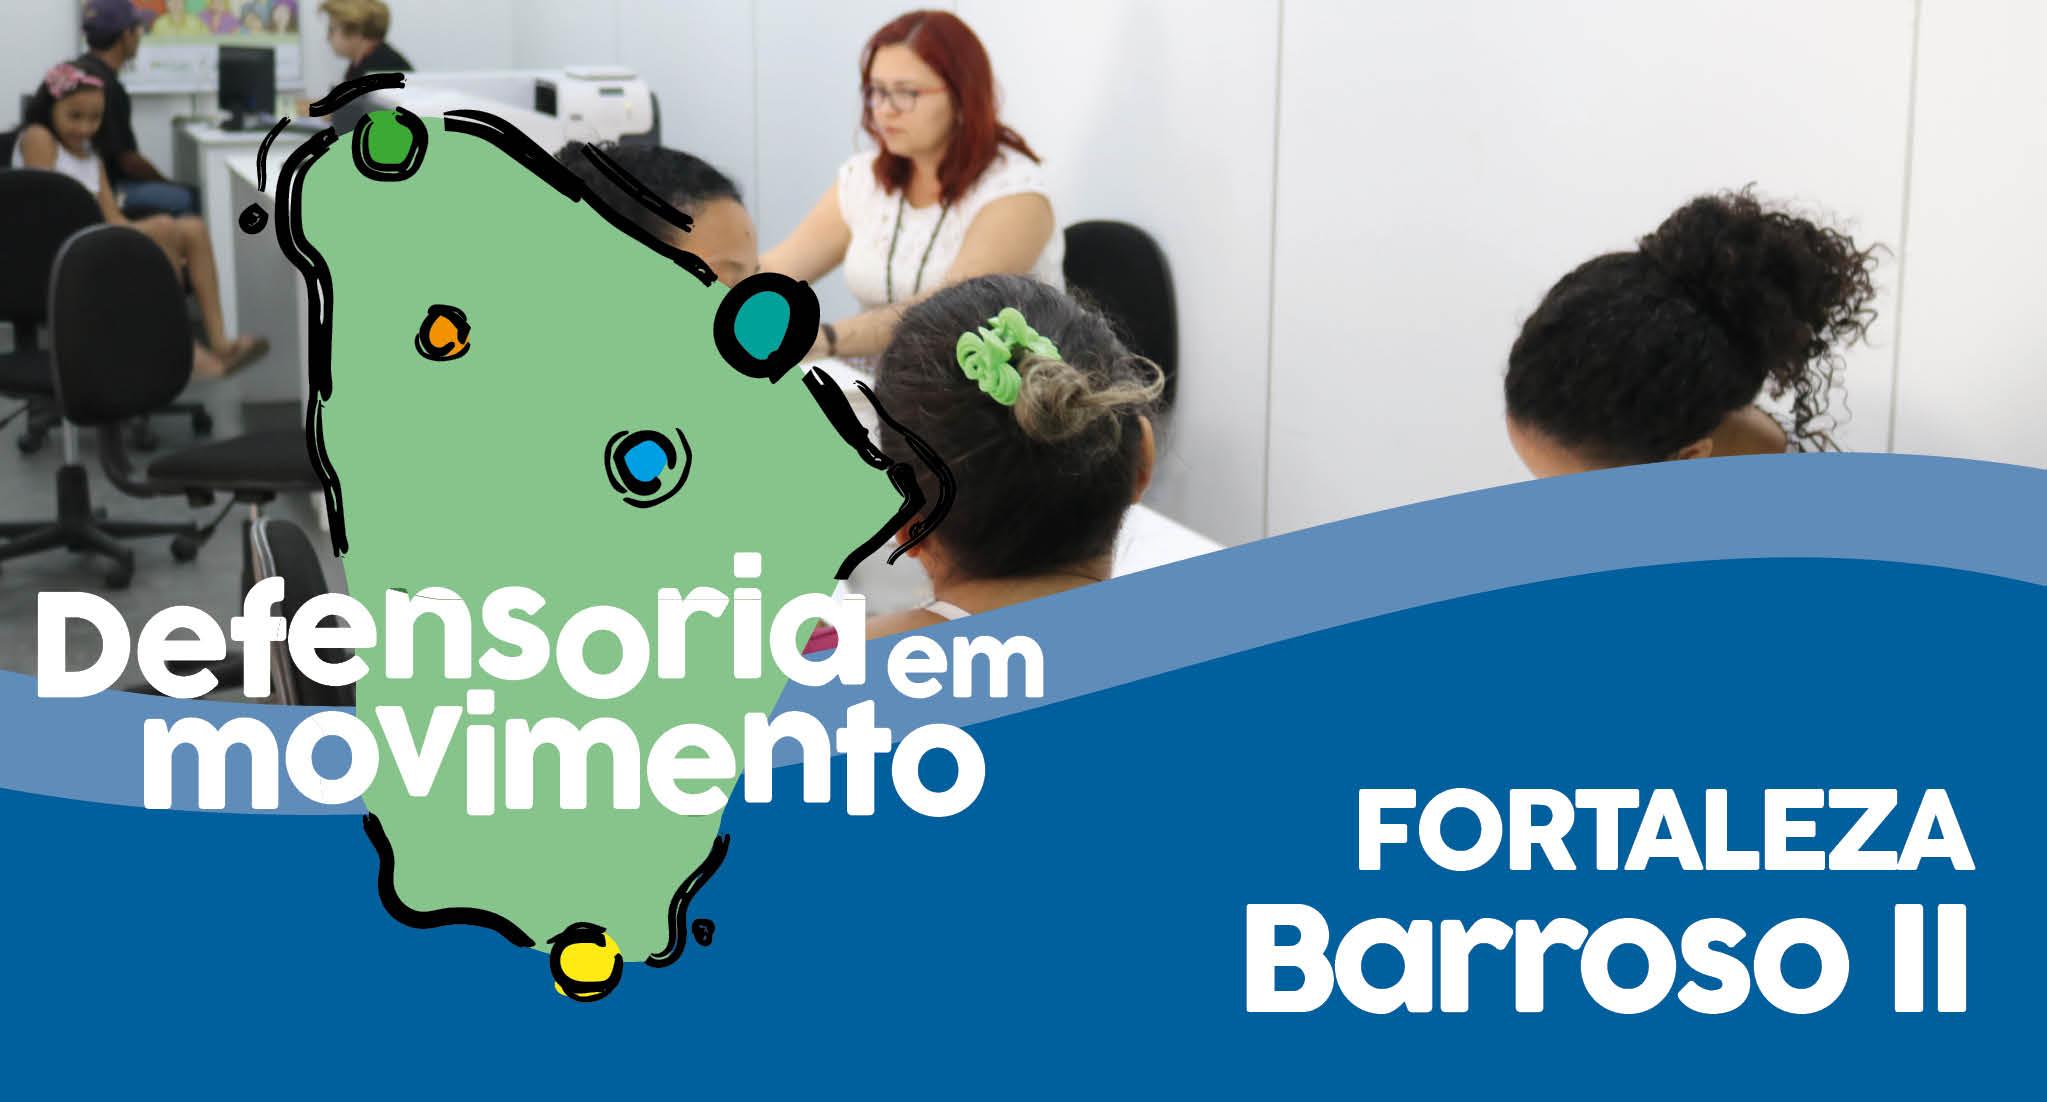 barroso 2 site